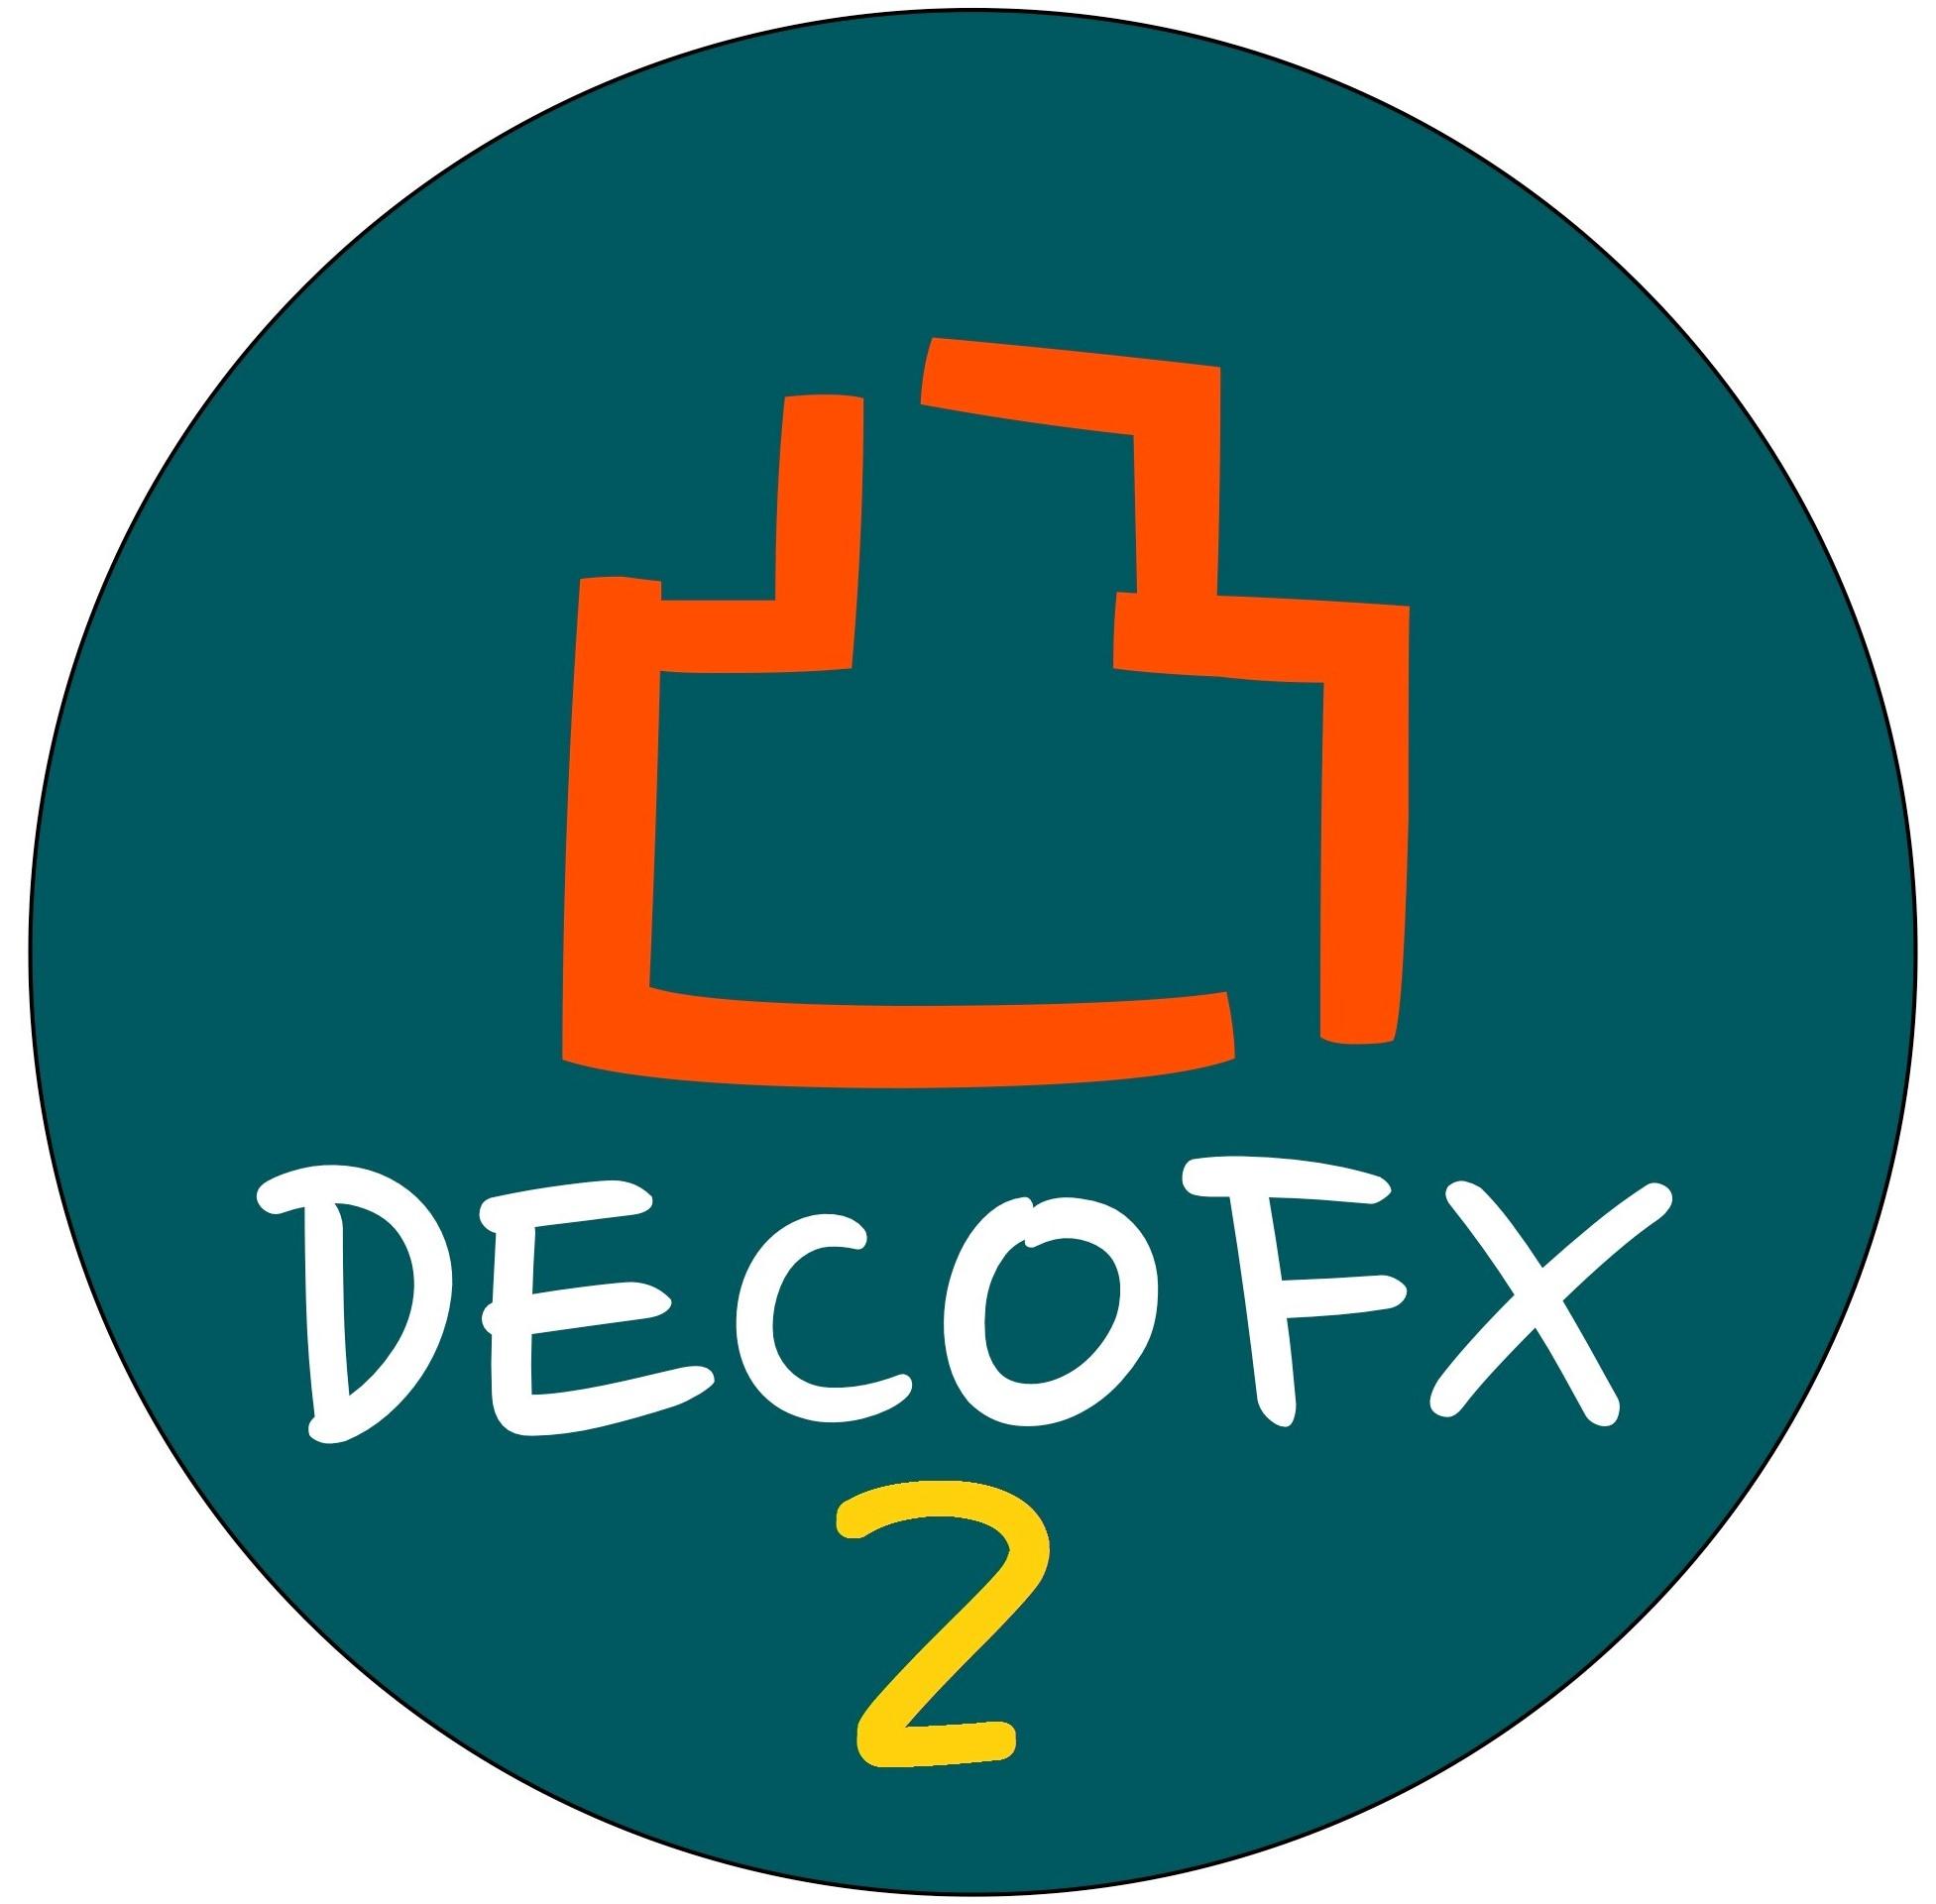 お好みの時間軸でトレードポイントを可視化『DECO FX2』